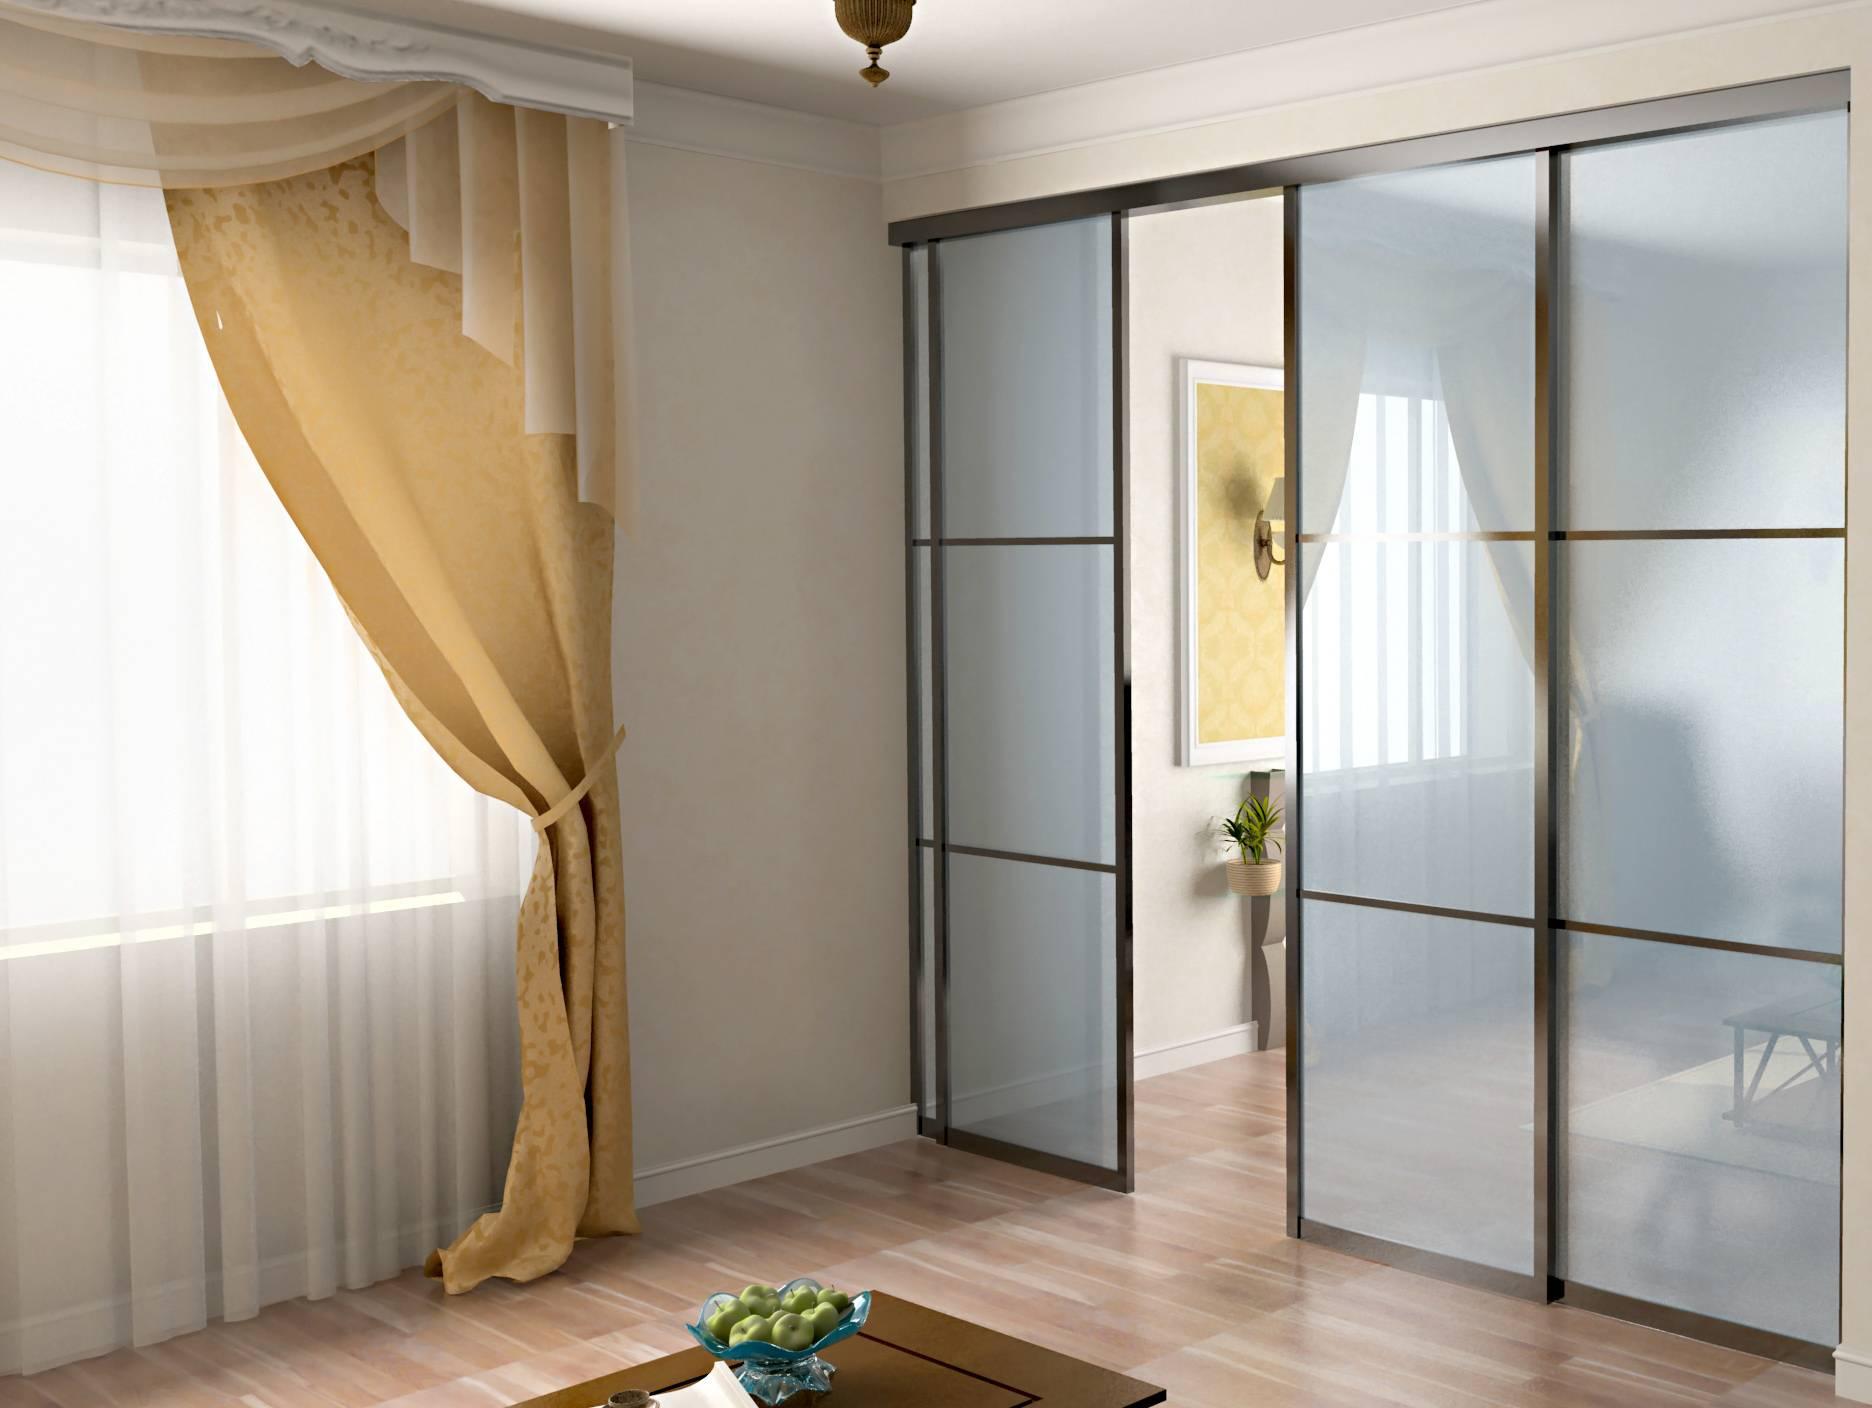 Стеклянные офисные перегородки-виды конструкций, особенности, требования к стеклянным перегородкам